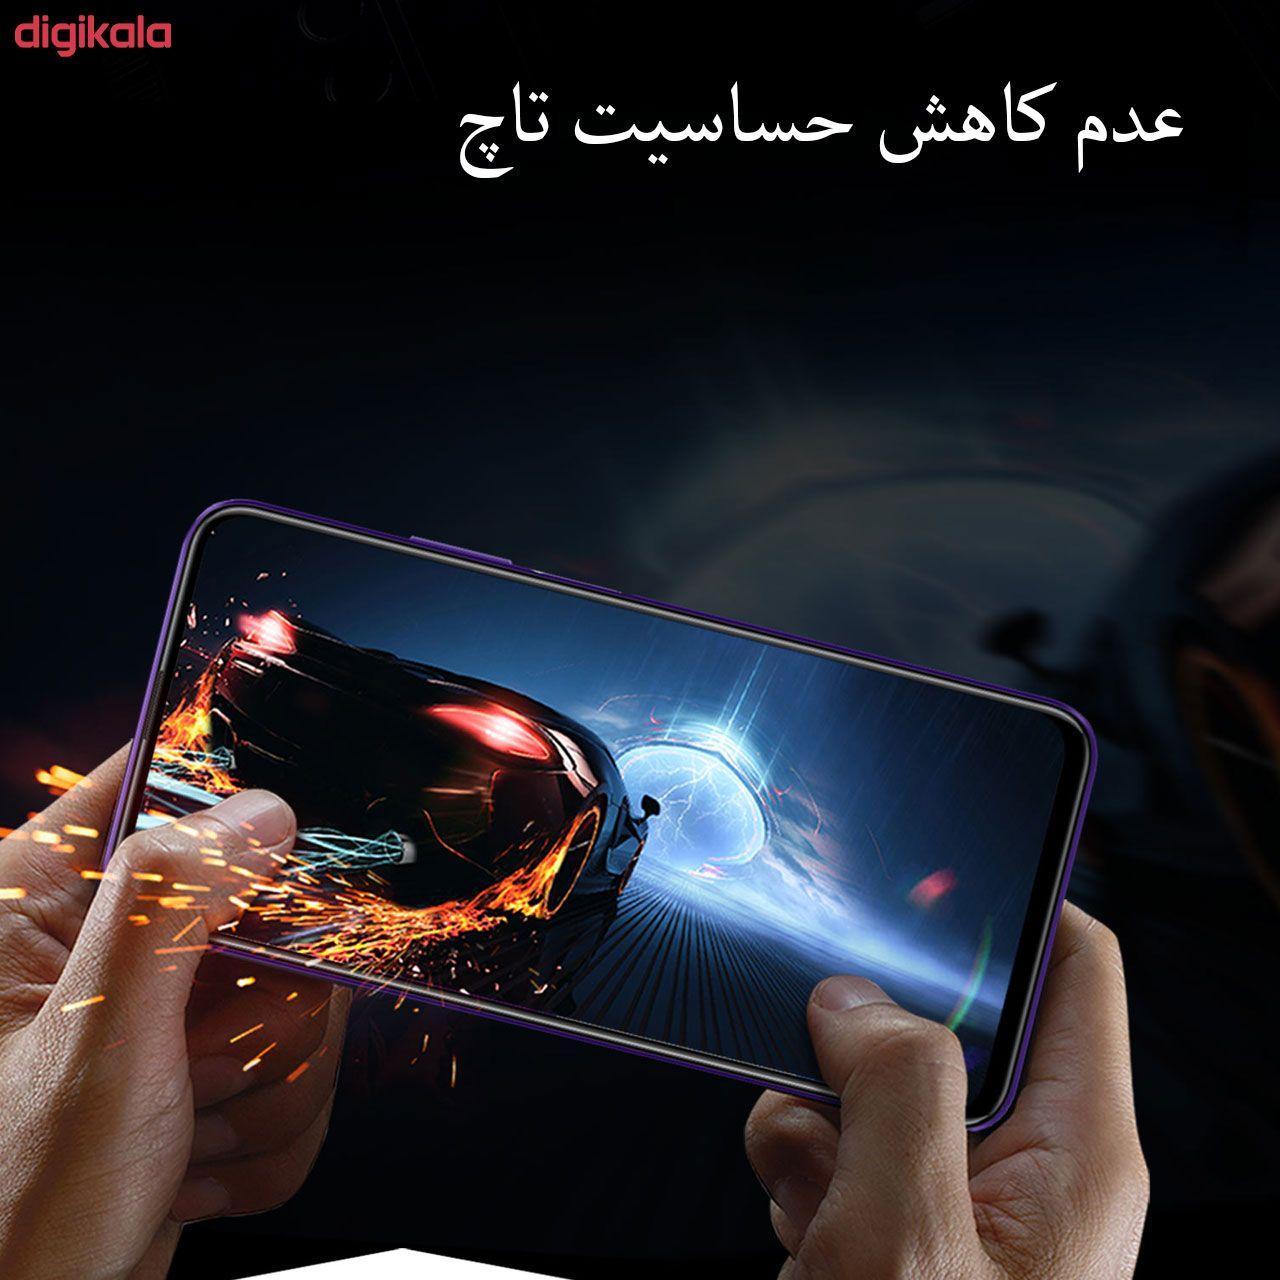 محافظ صفحه نمایش مدل FCG مناسب برای گوشی موبایل سامسونگ Galaxy A11 main 1 1